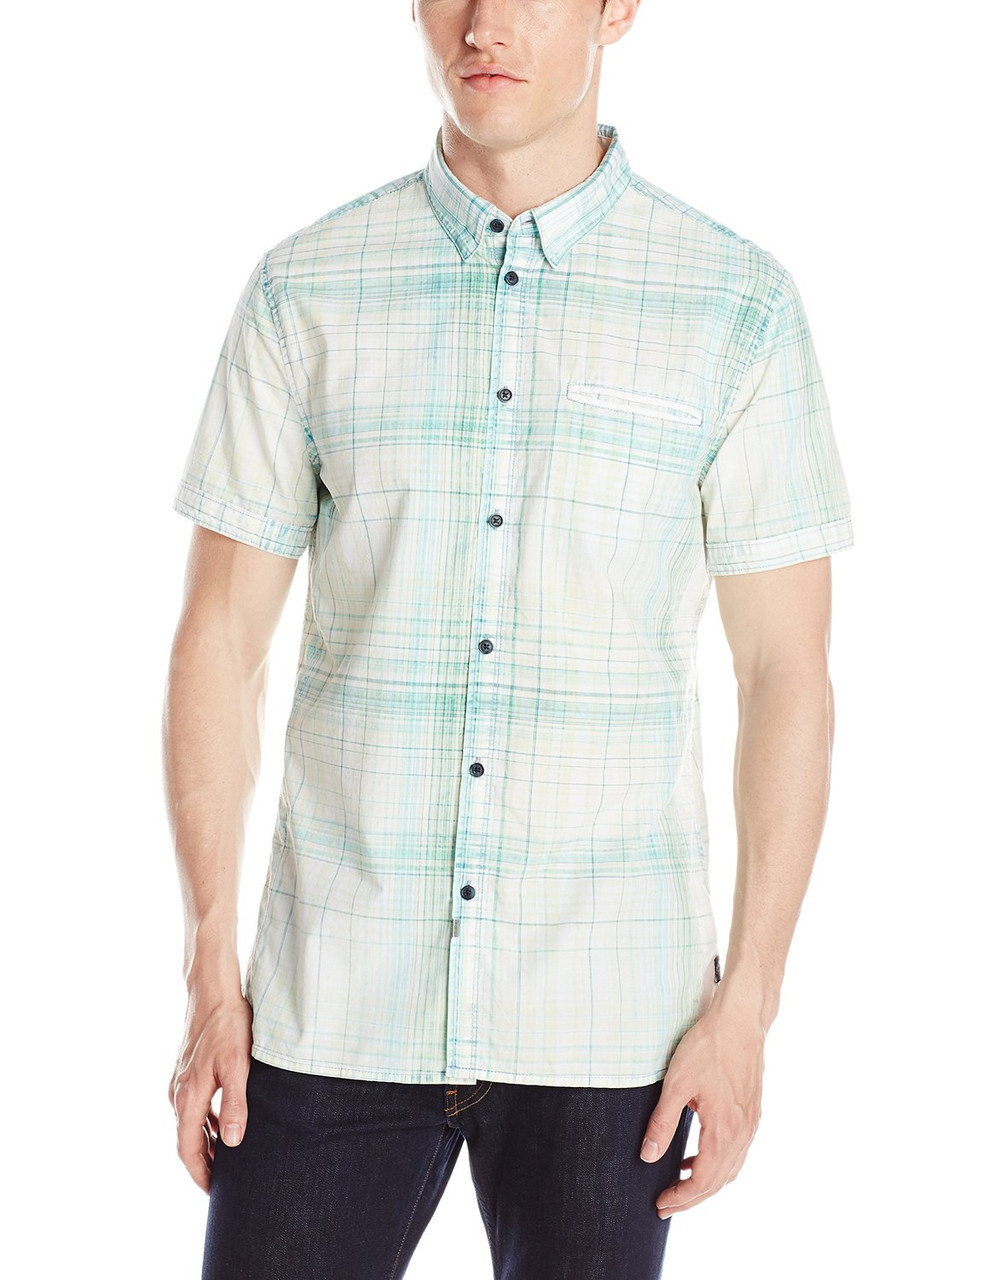 Рубашка Calvin Klein Jeans, L, Pictum, 41LW147-461